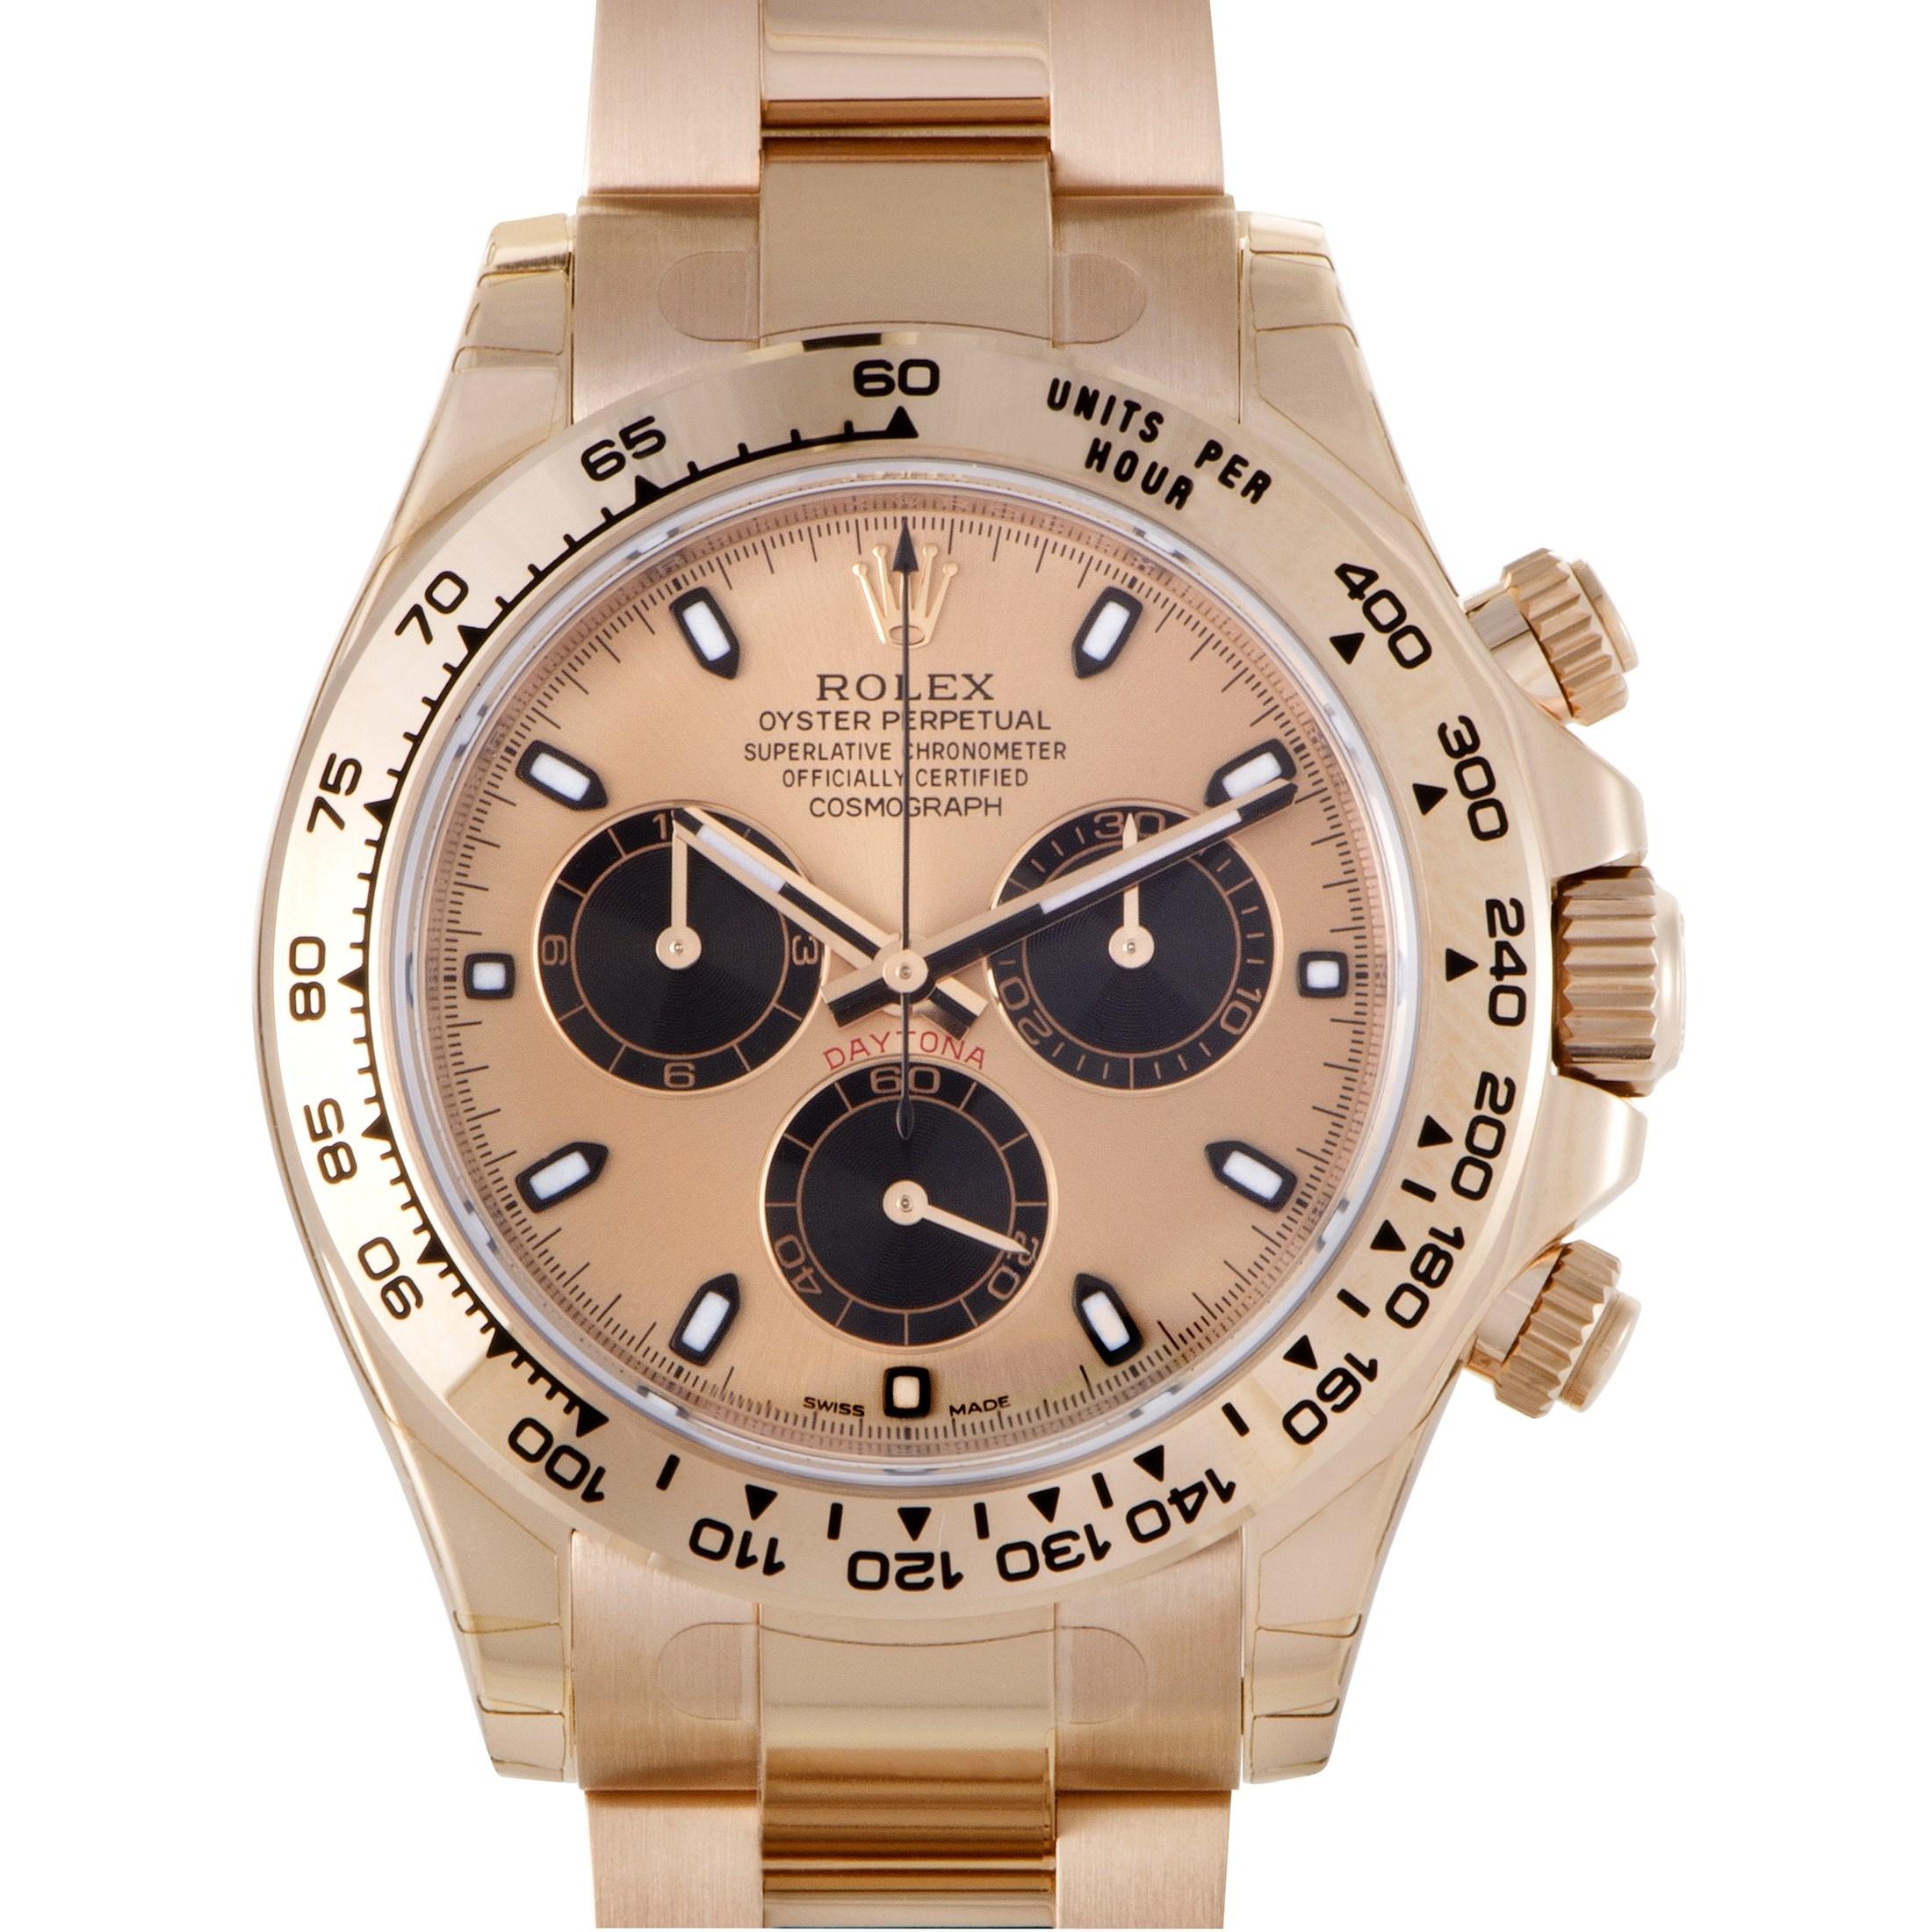 Oyster Perpetual Cosmograph Daytona Automatic Watch 116505 pbk